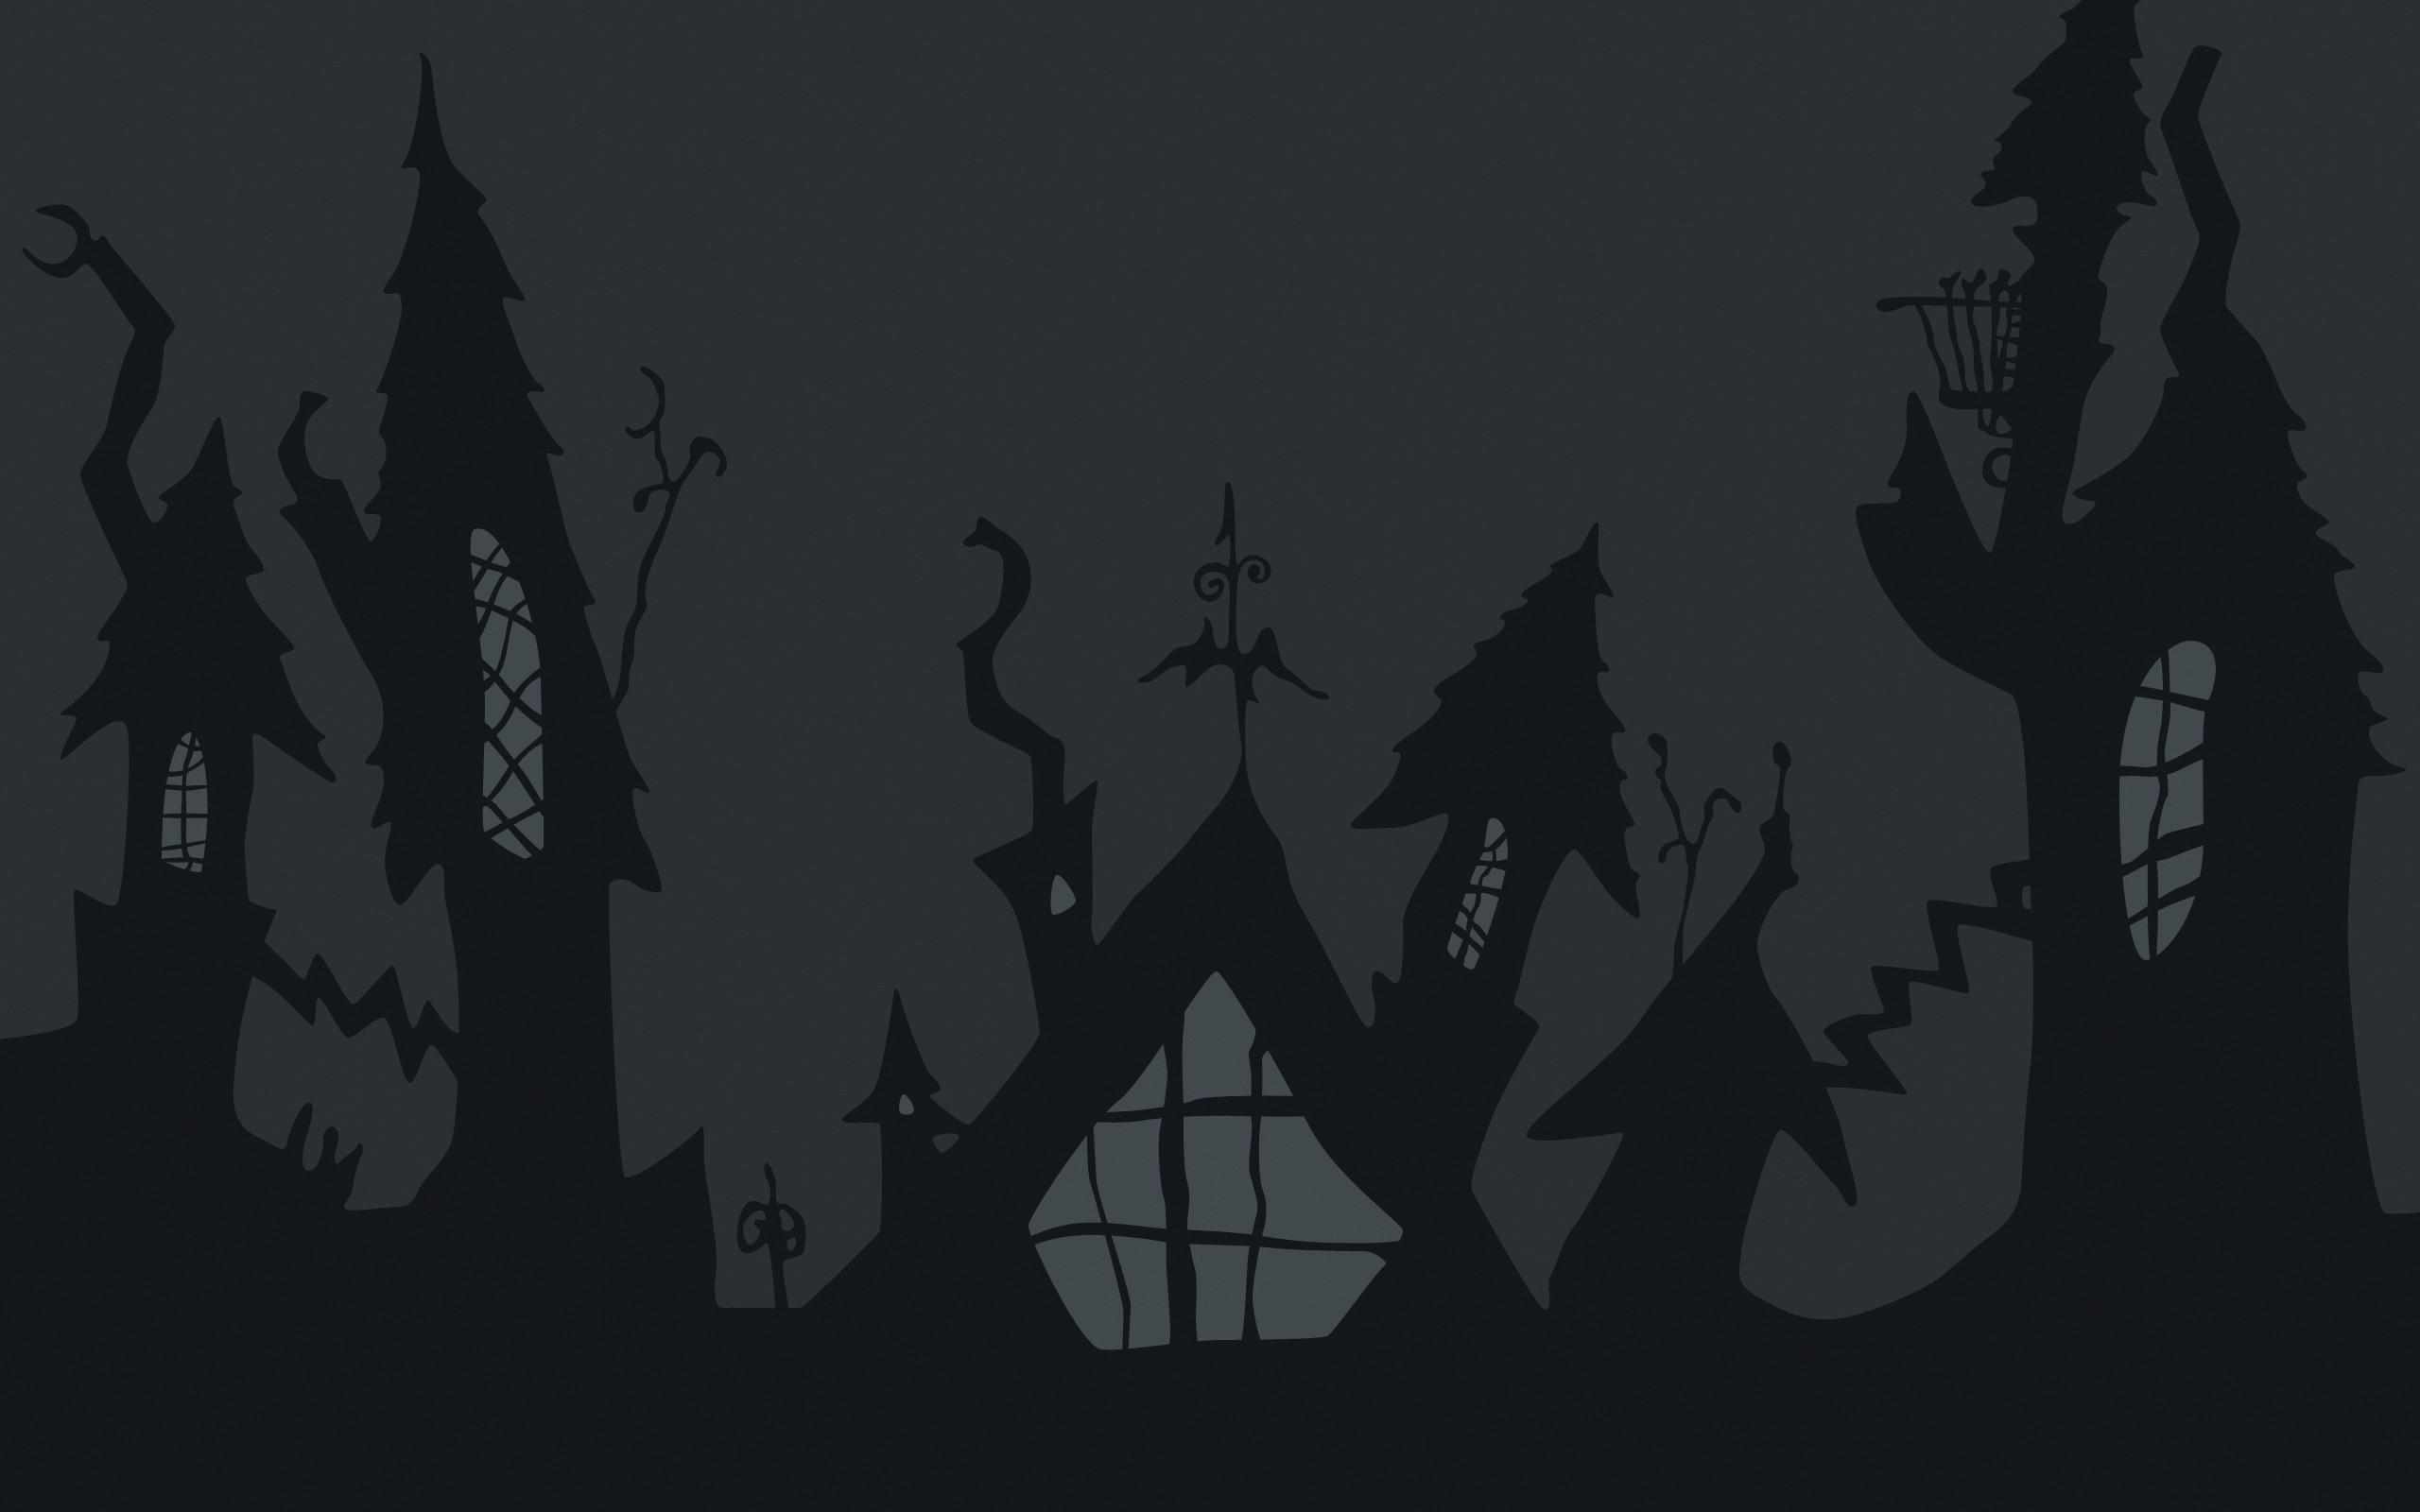 Castillo de noche de brujas - 2560x1600